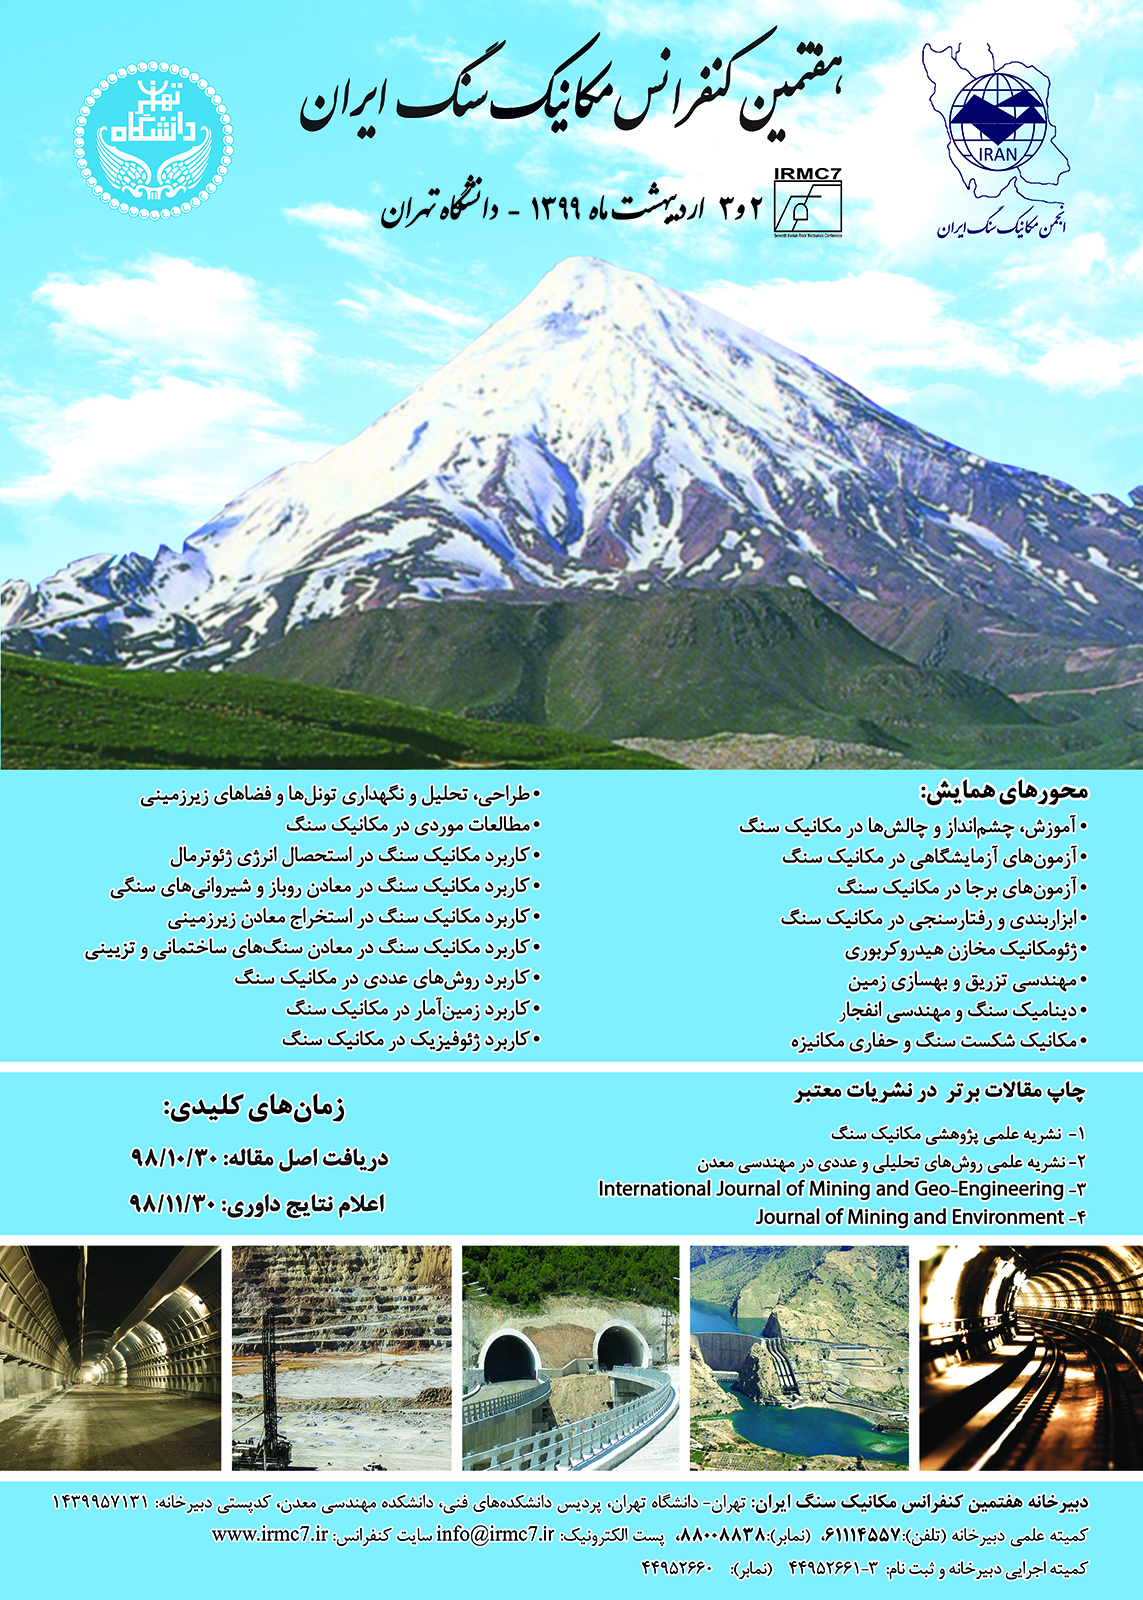 هفتمین کنفرانس مکانیک سنگ ایران